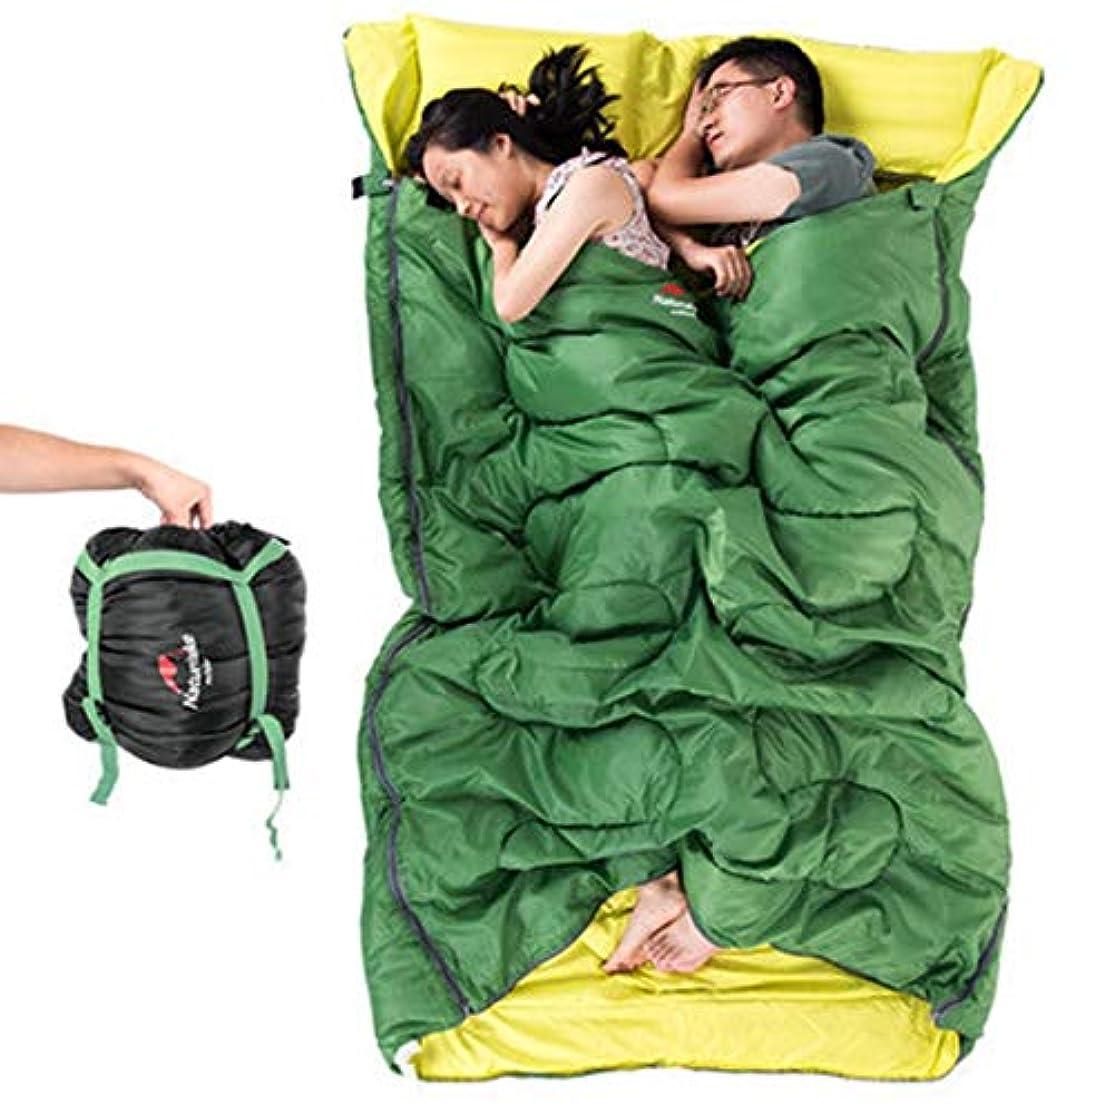 符号気分が悪い肥満Nekovan 2人用薄型寝袋アウトドアトラベル4シーズンライナーキャンプコットンワイド化と厚い寝袋/グリーン (色 : オレンジ)